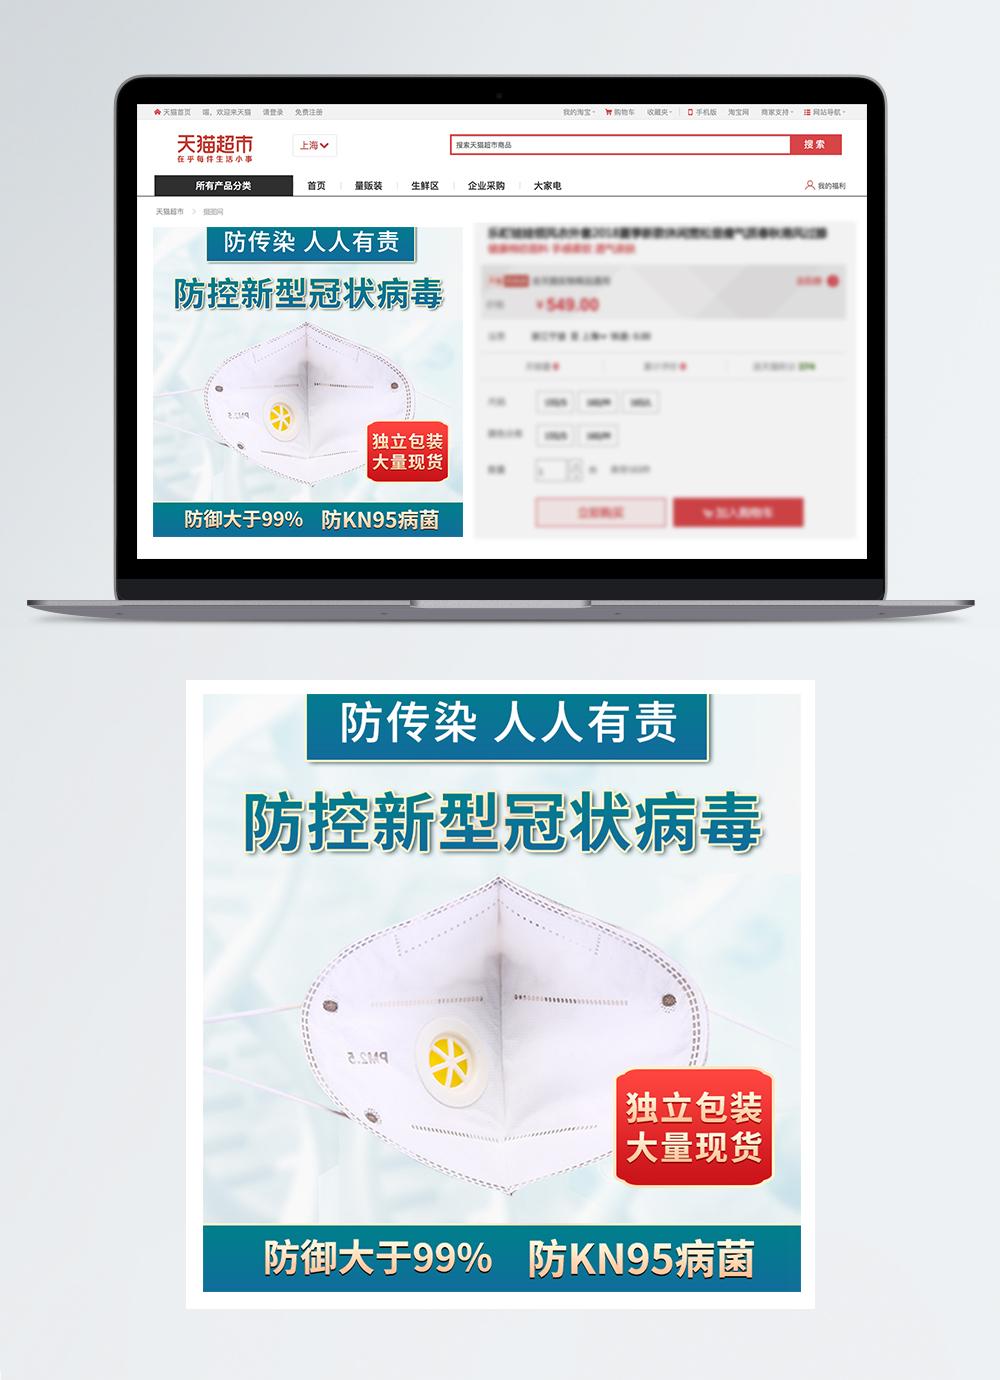 一次性口罩防疫用品淘寶主圖圖片素材-PSD圖片尺寸1000 × 695px-高清圖片401678440-zh.lovepik.com